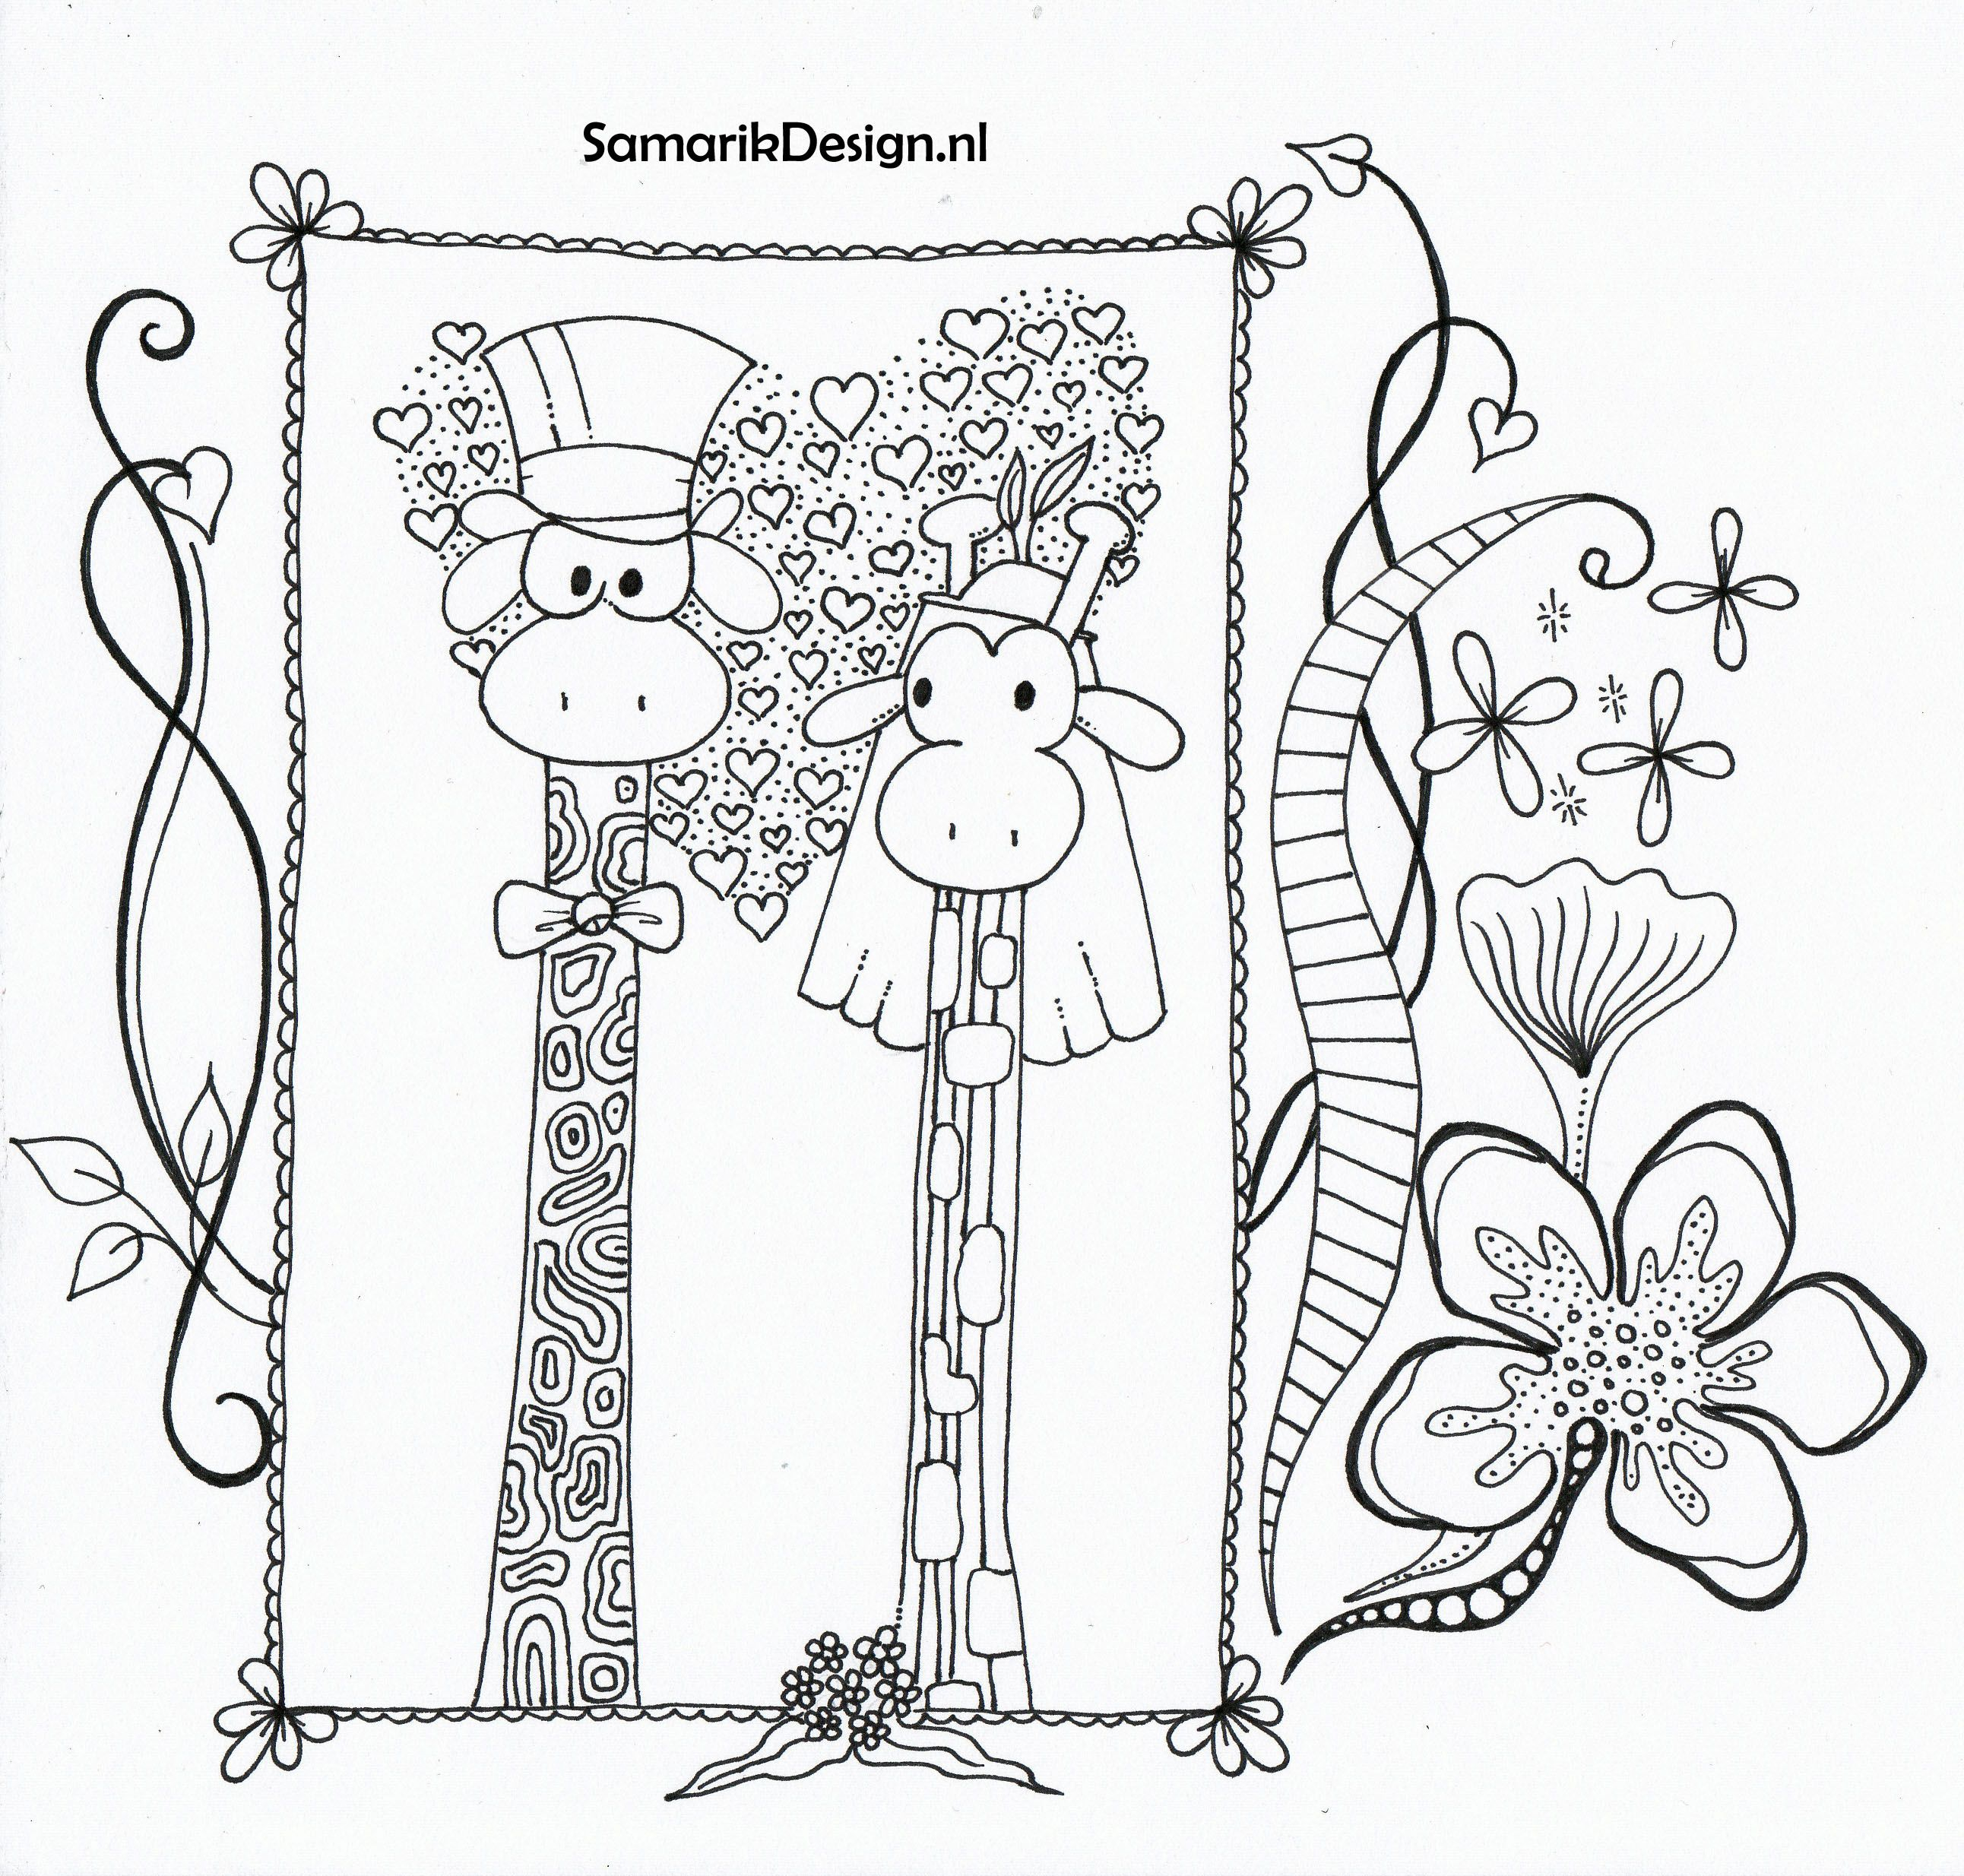 Giraf Valantijn Love Doodle Kleurplaten Kleurplaten Voor Volwassenen